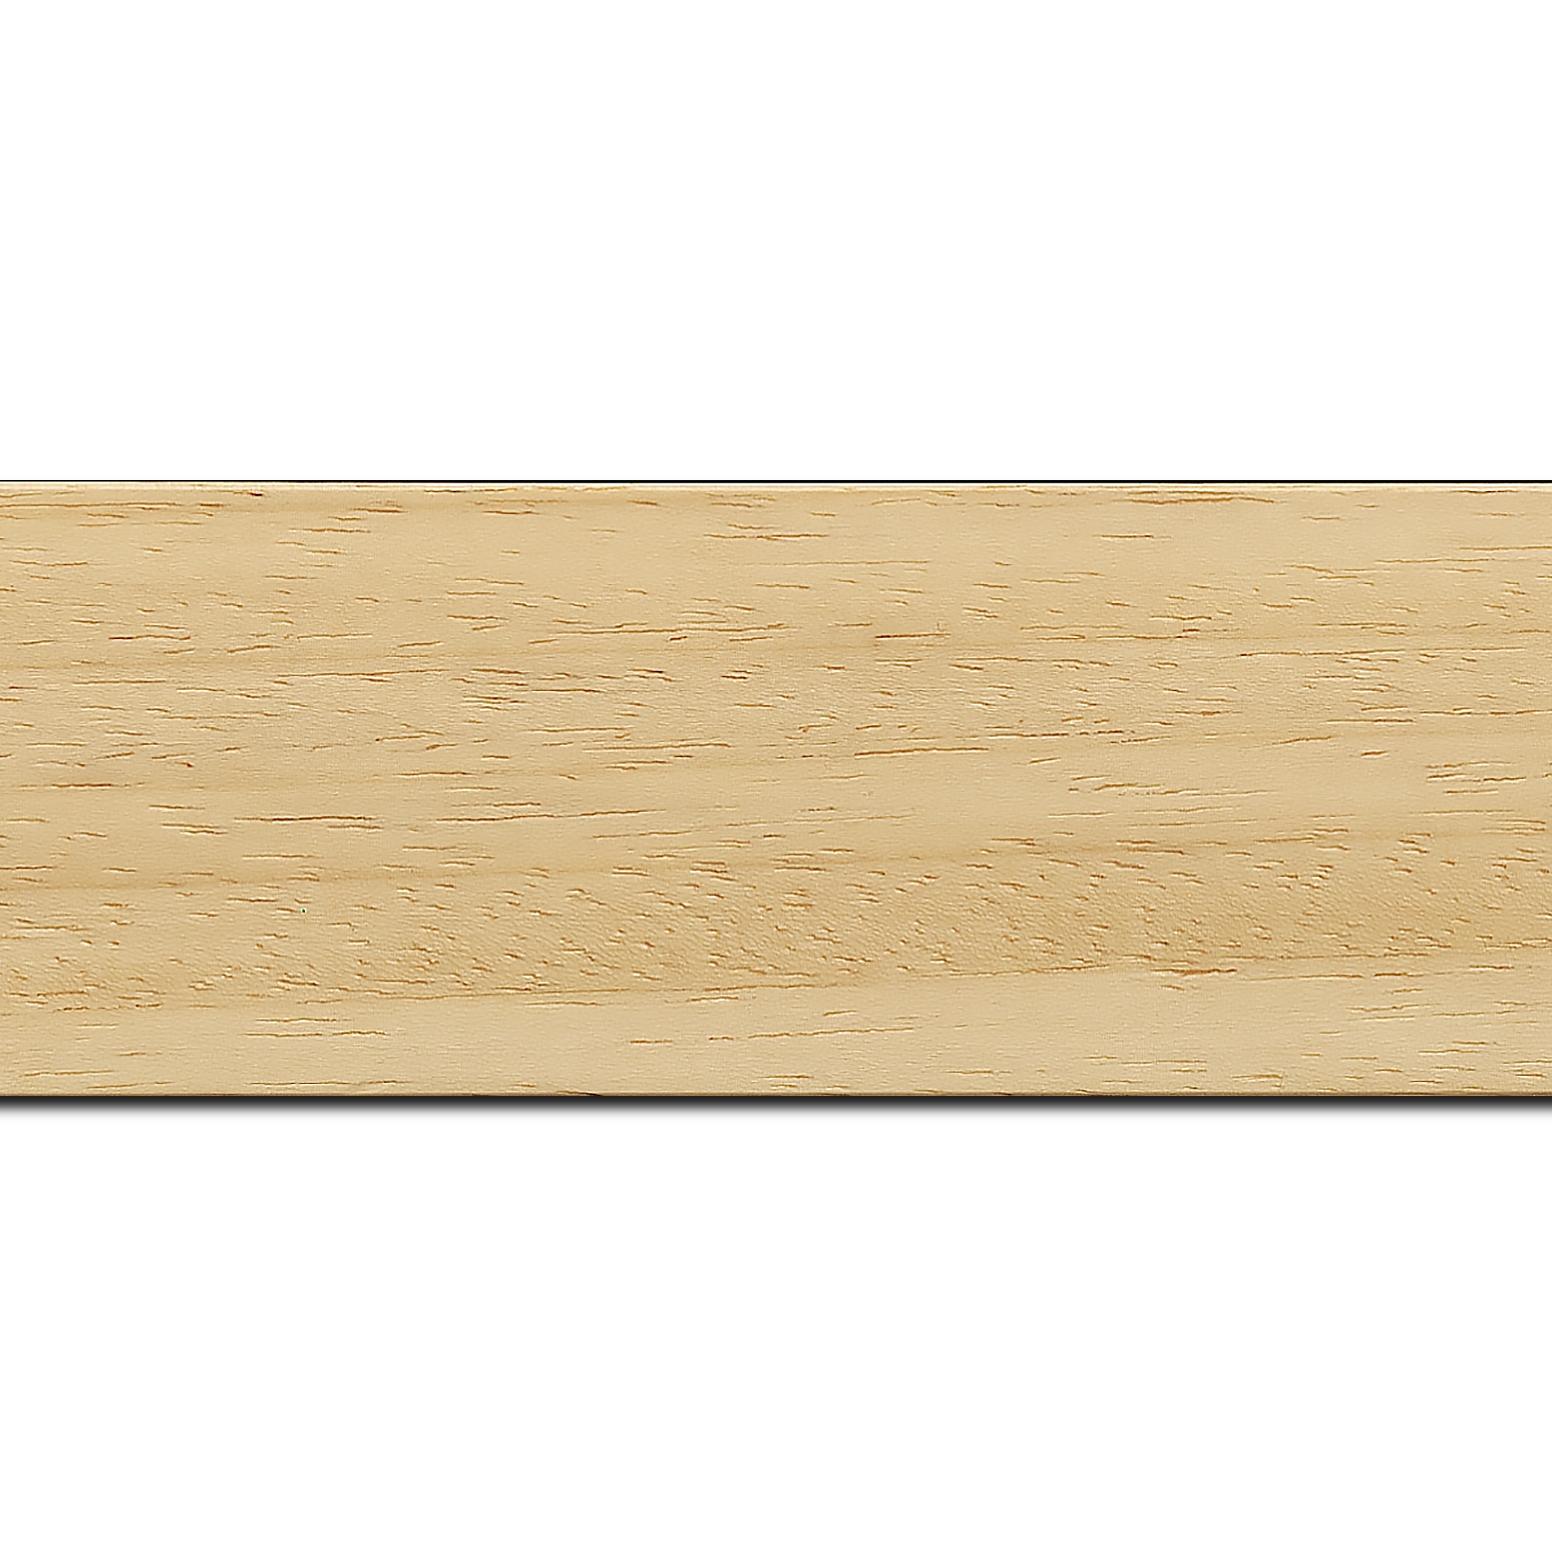 Pack par 12m, bois profil plat largeur 5.9cm couleur naturel (longueur baguette pouvant varier entre 2.40m et 3m selon arrivage des bois)